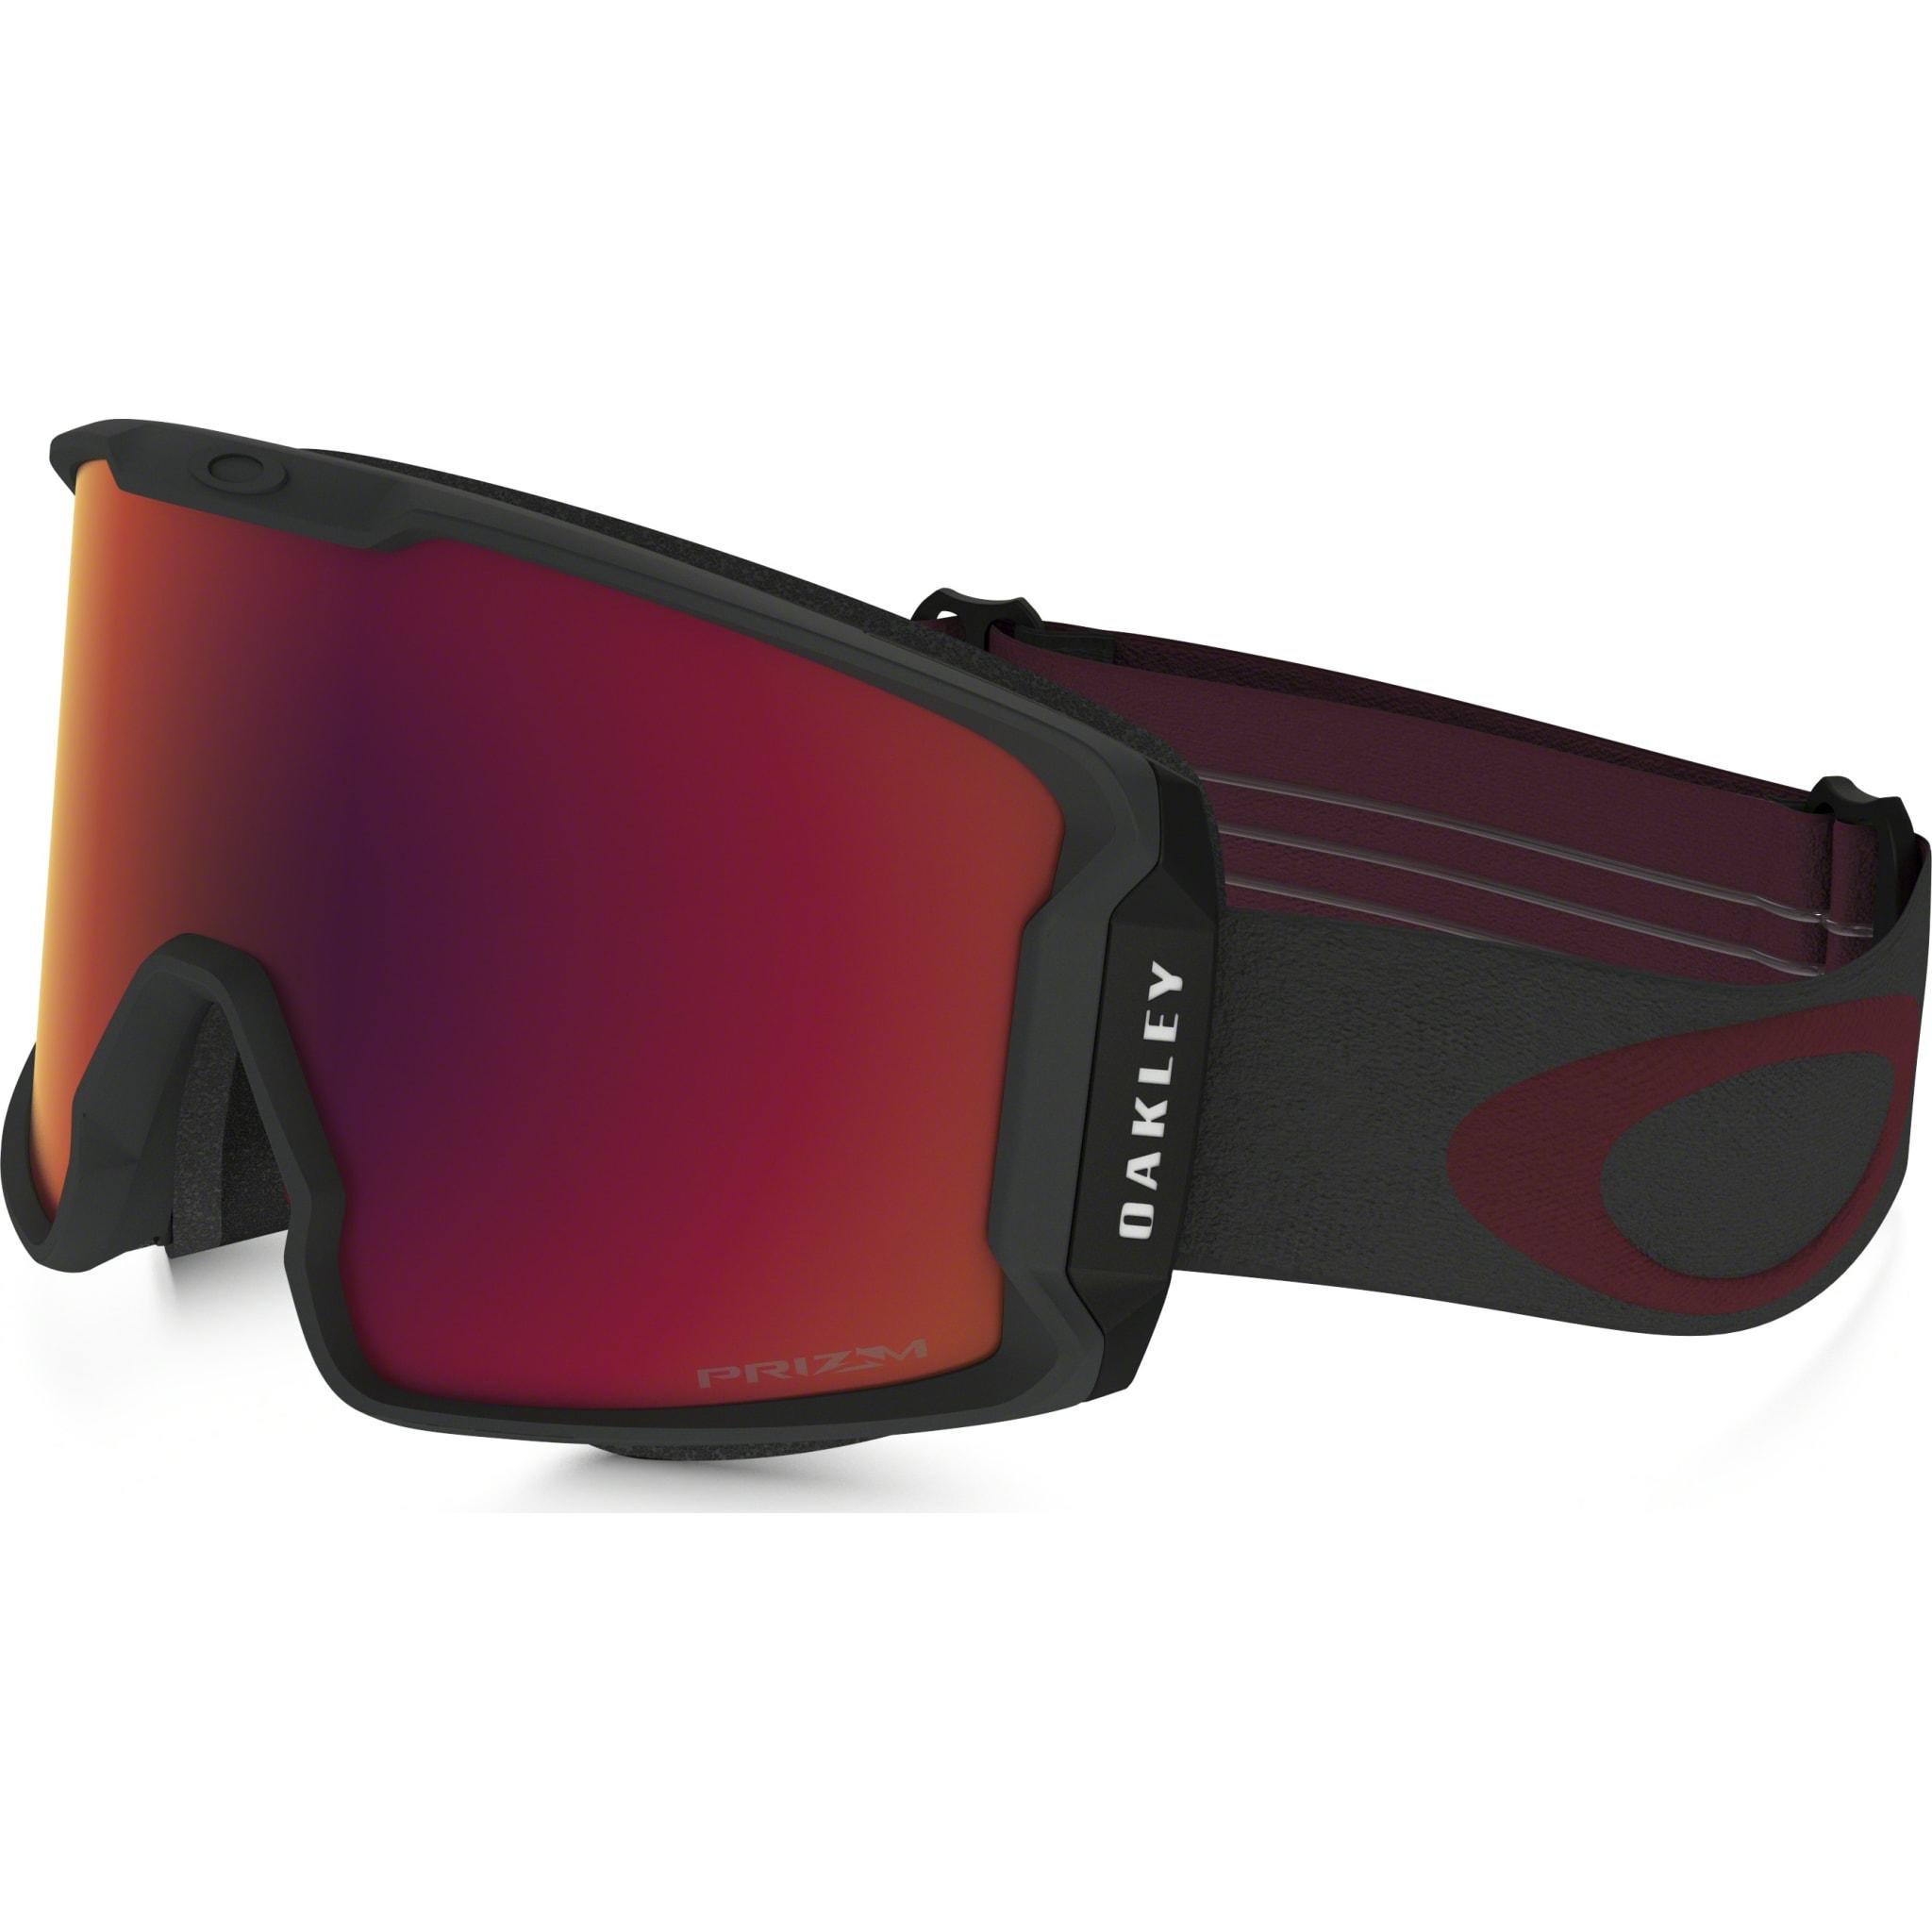 Brille med retrodesign og forbedret synsfelt!